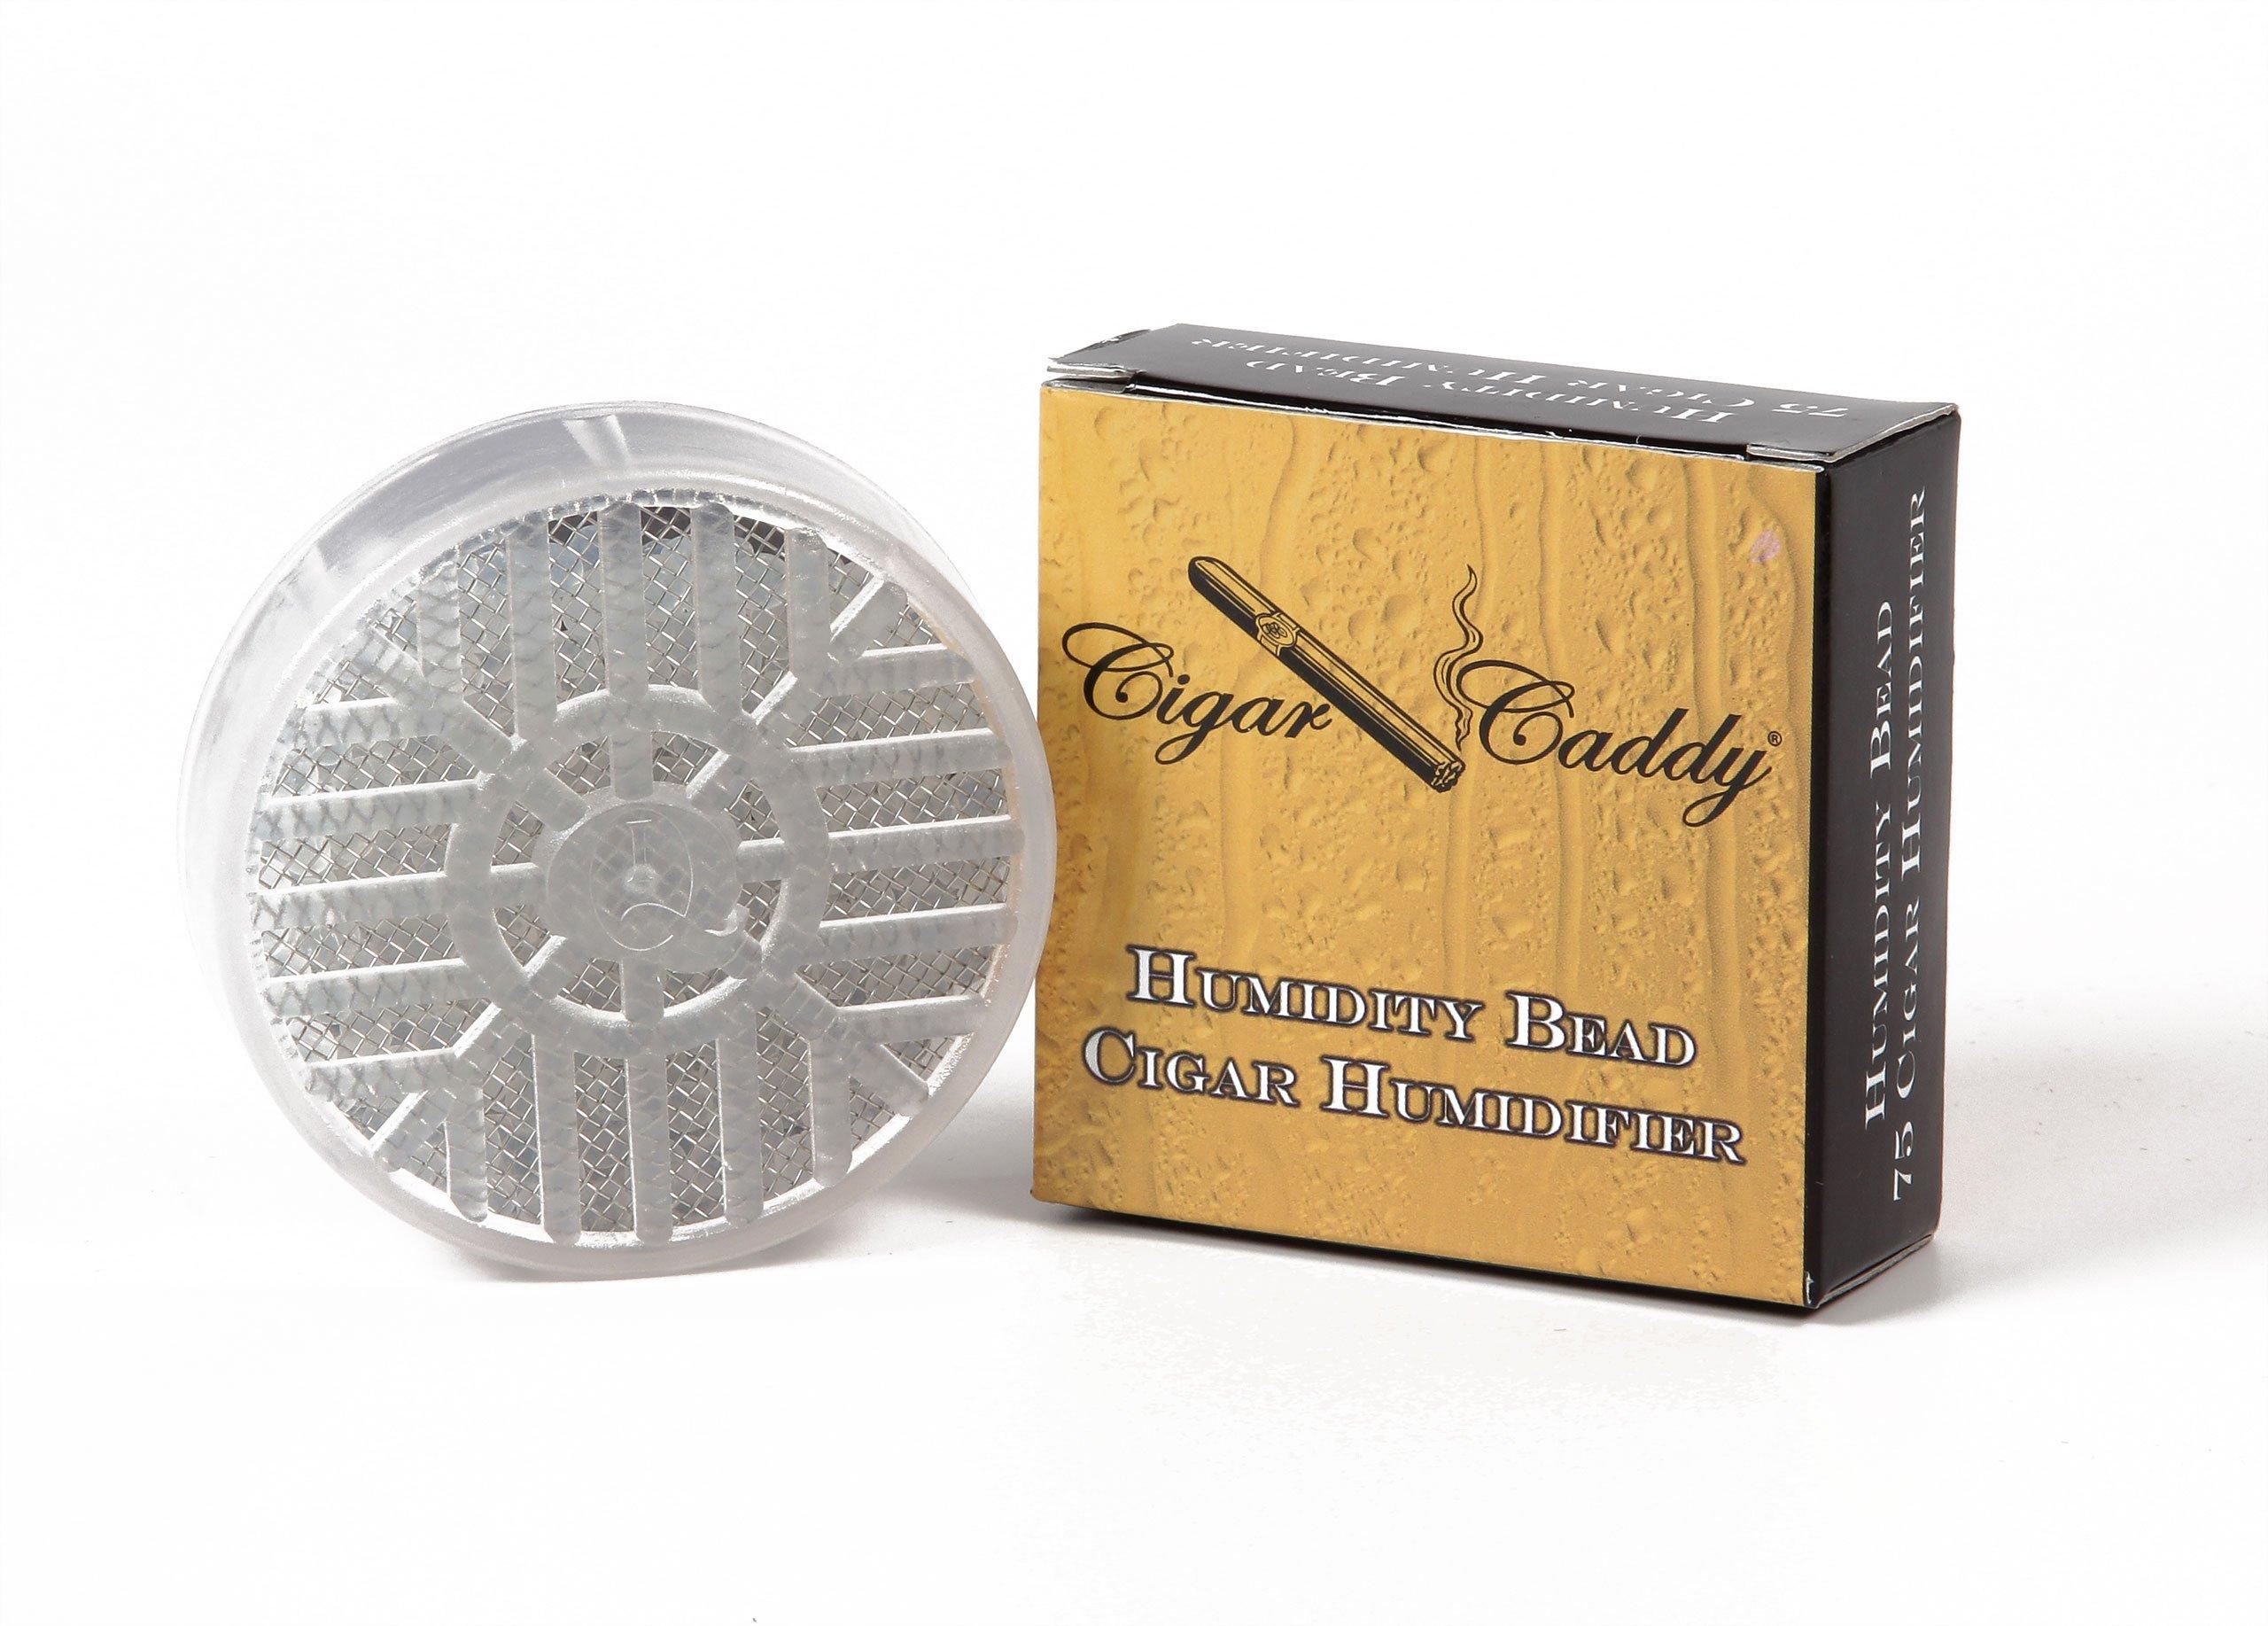 Cigar Caddy Humidity Bead CIGAR Humidifier